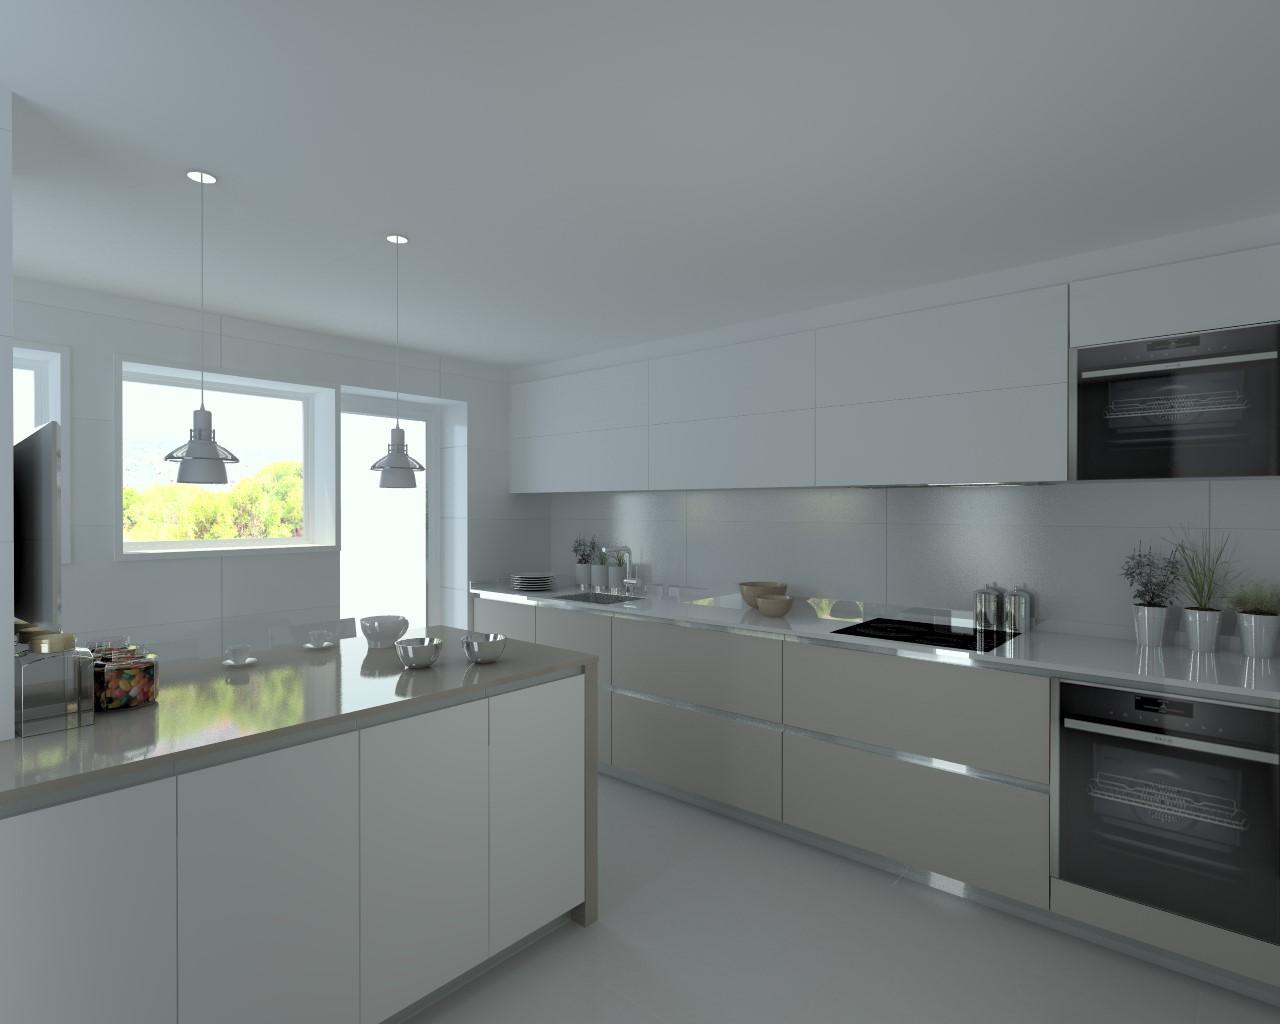 Proyectos de cocinas docrys cocinas for Color credence cocina blanca